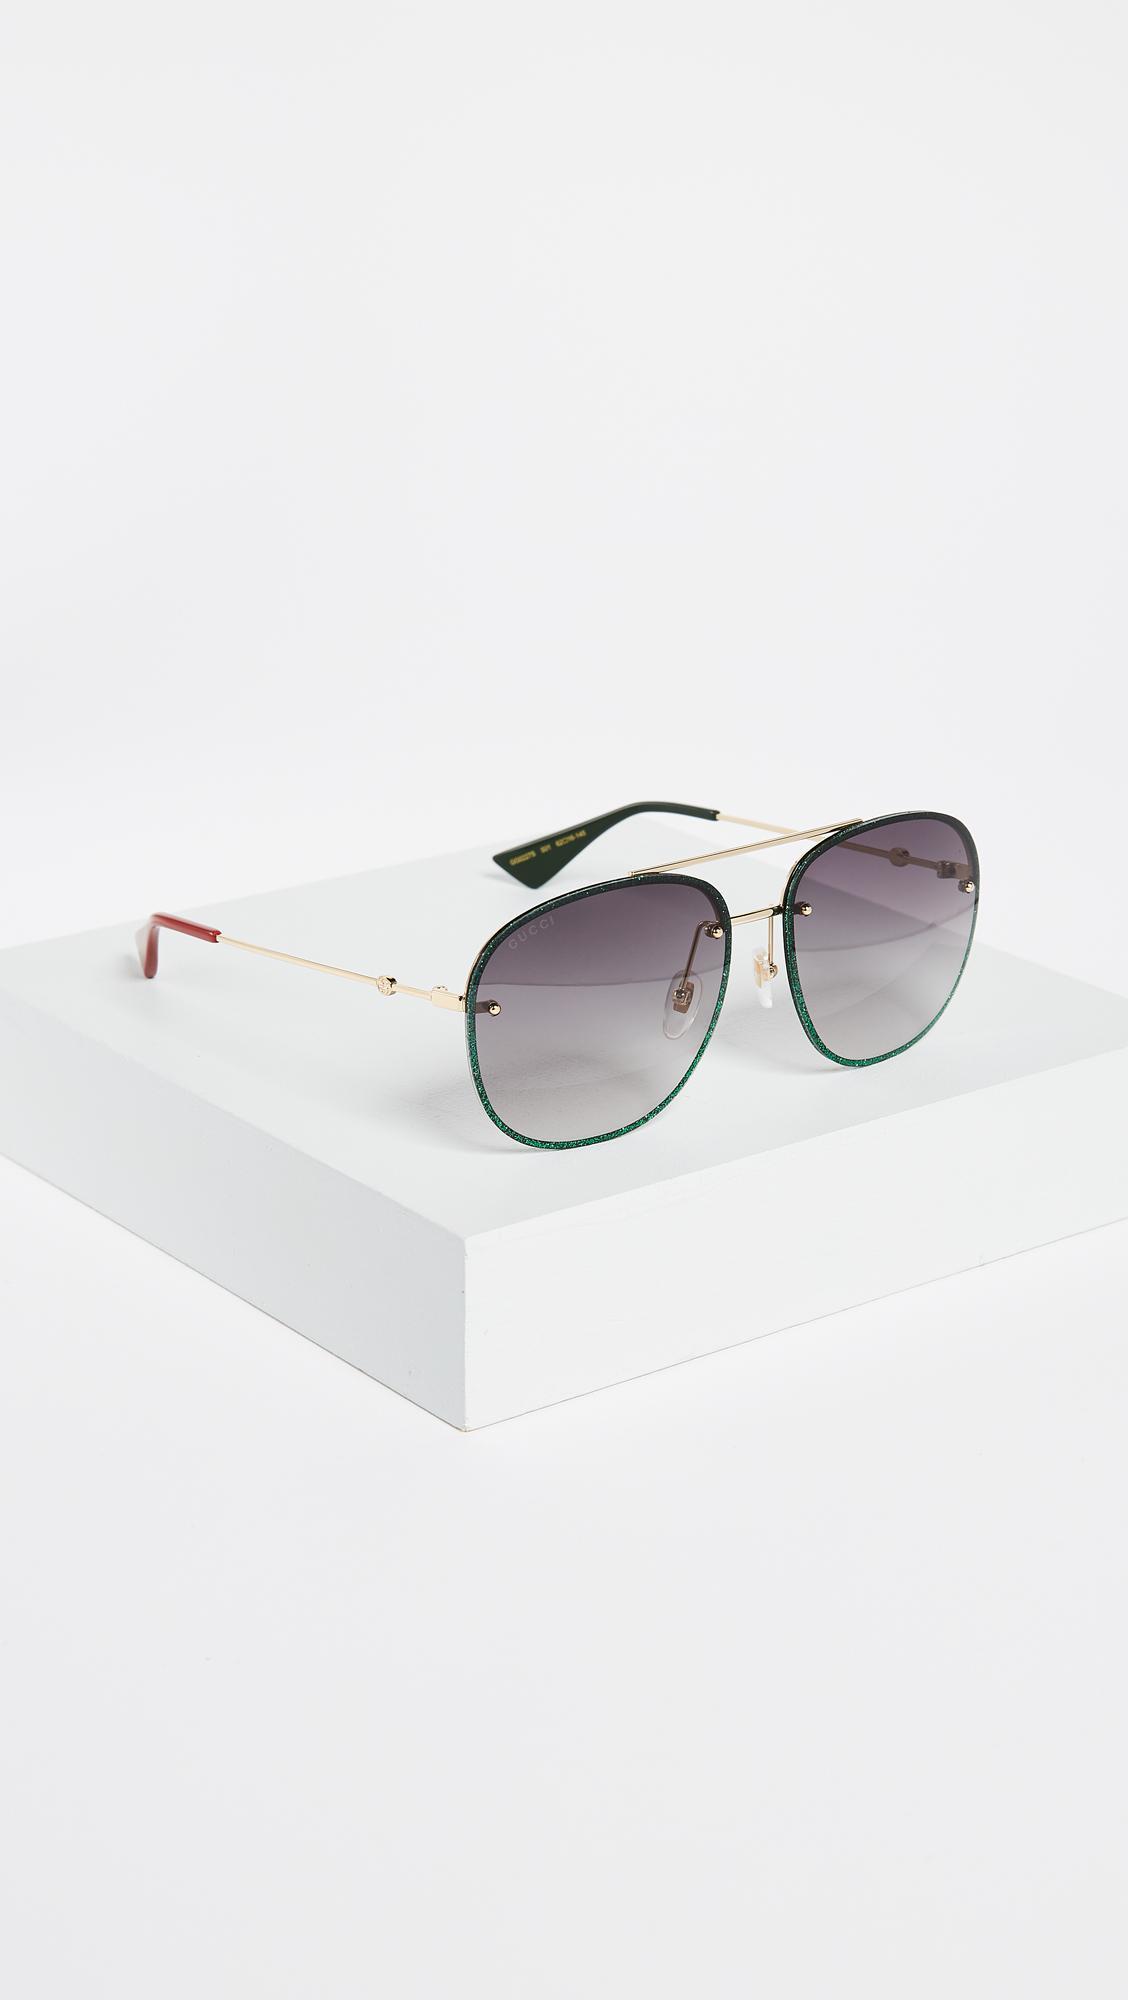 4132f1d2d14c Gucci Urban Web Block Glitter Aviator Sunglasses - Lyst